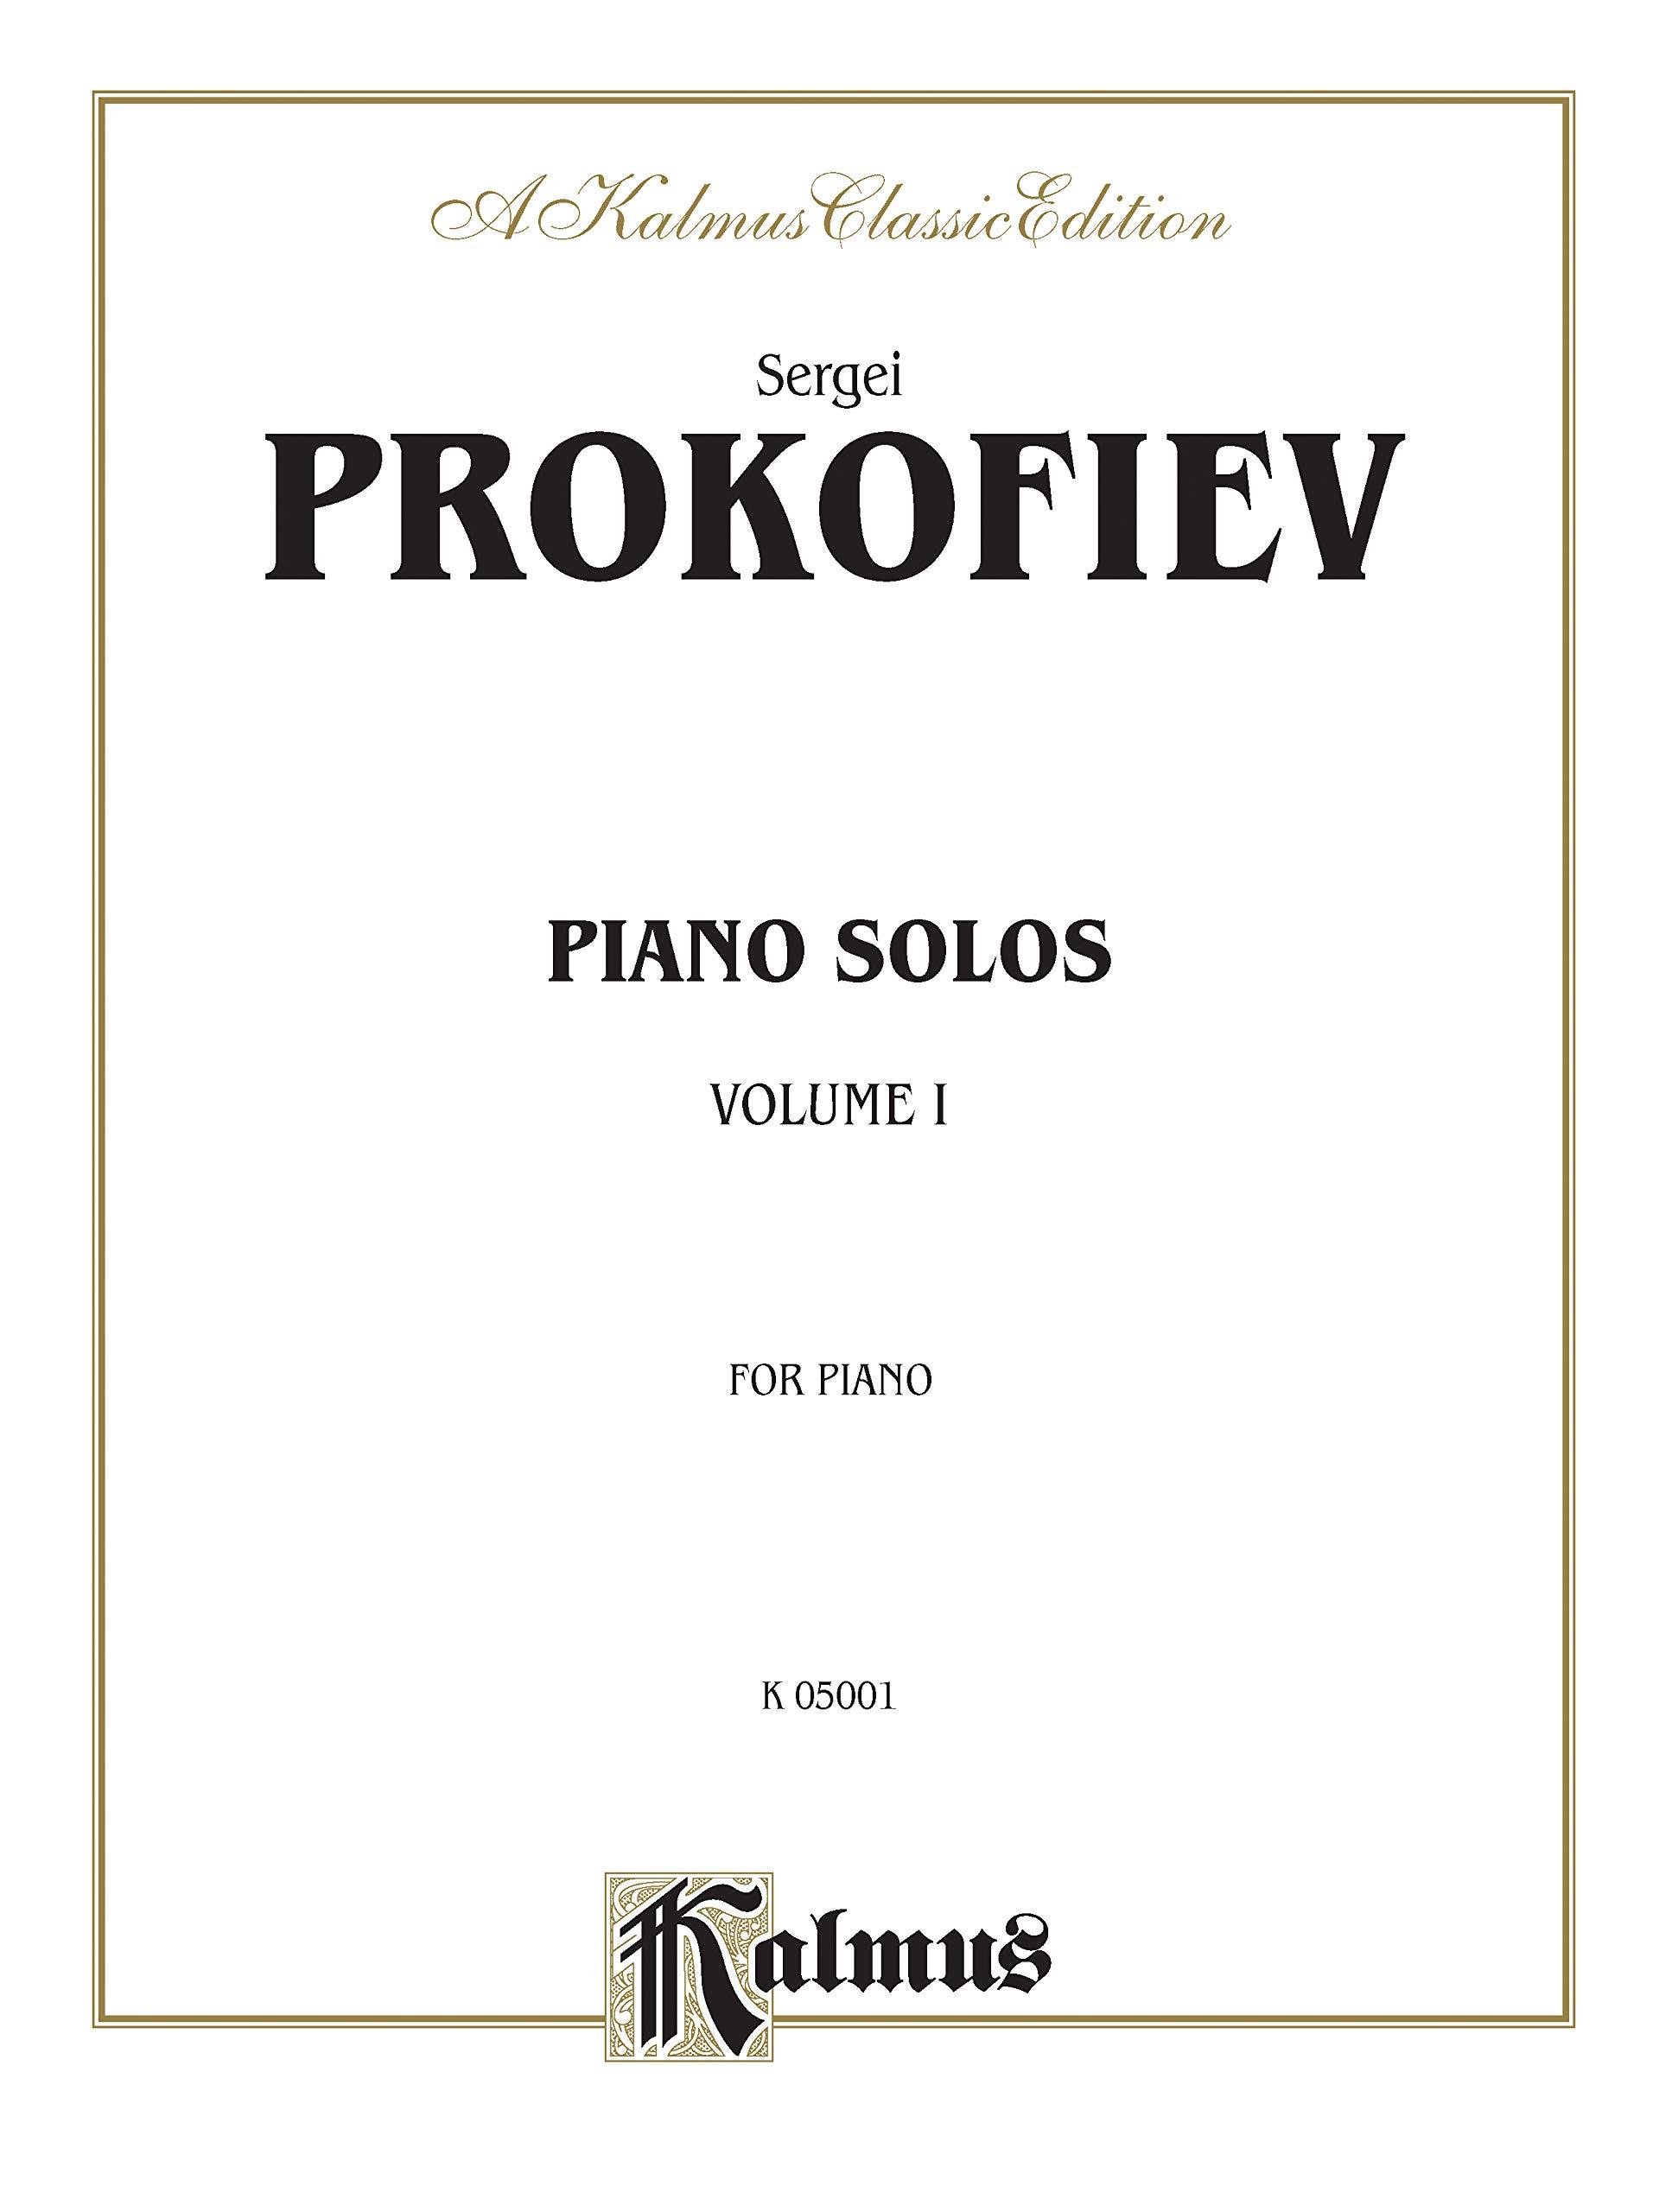 Piano/Harpsichord